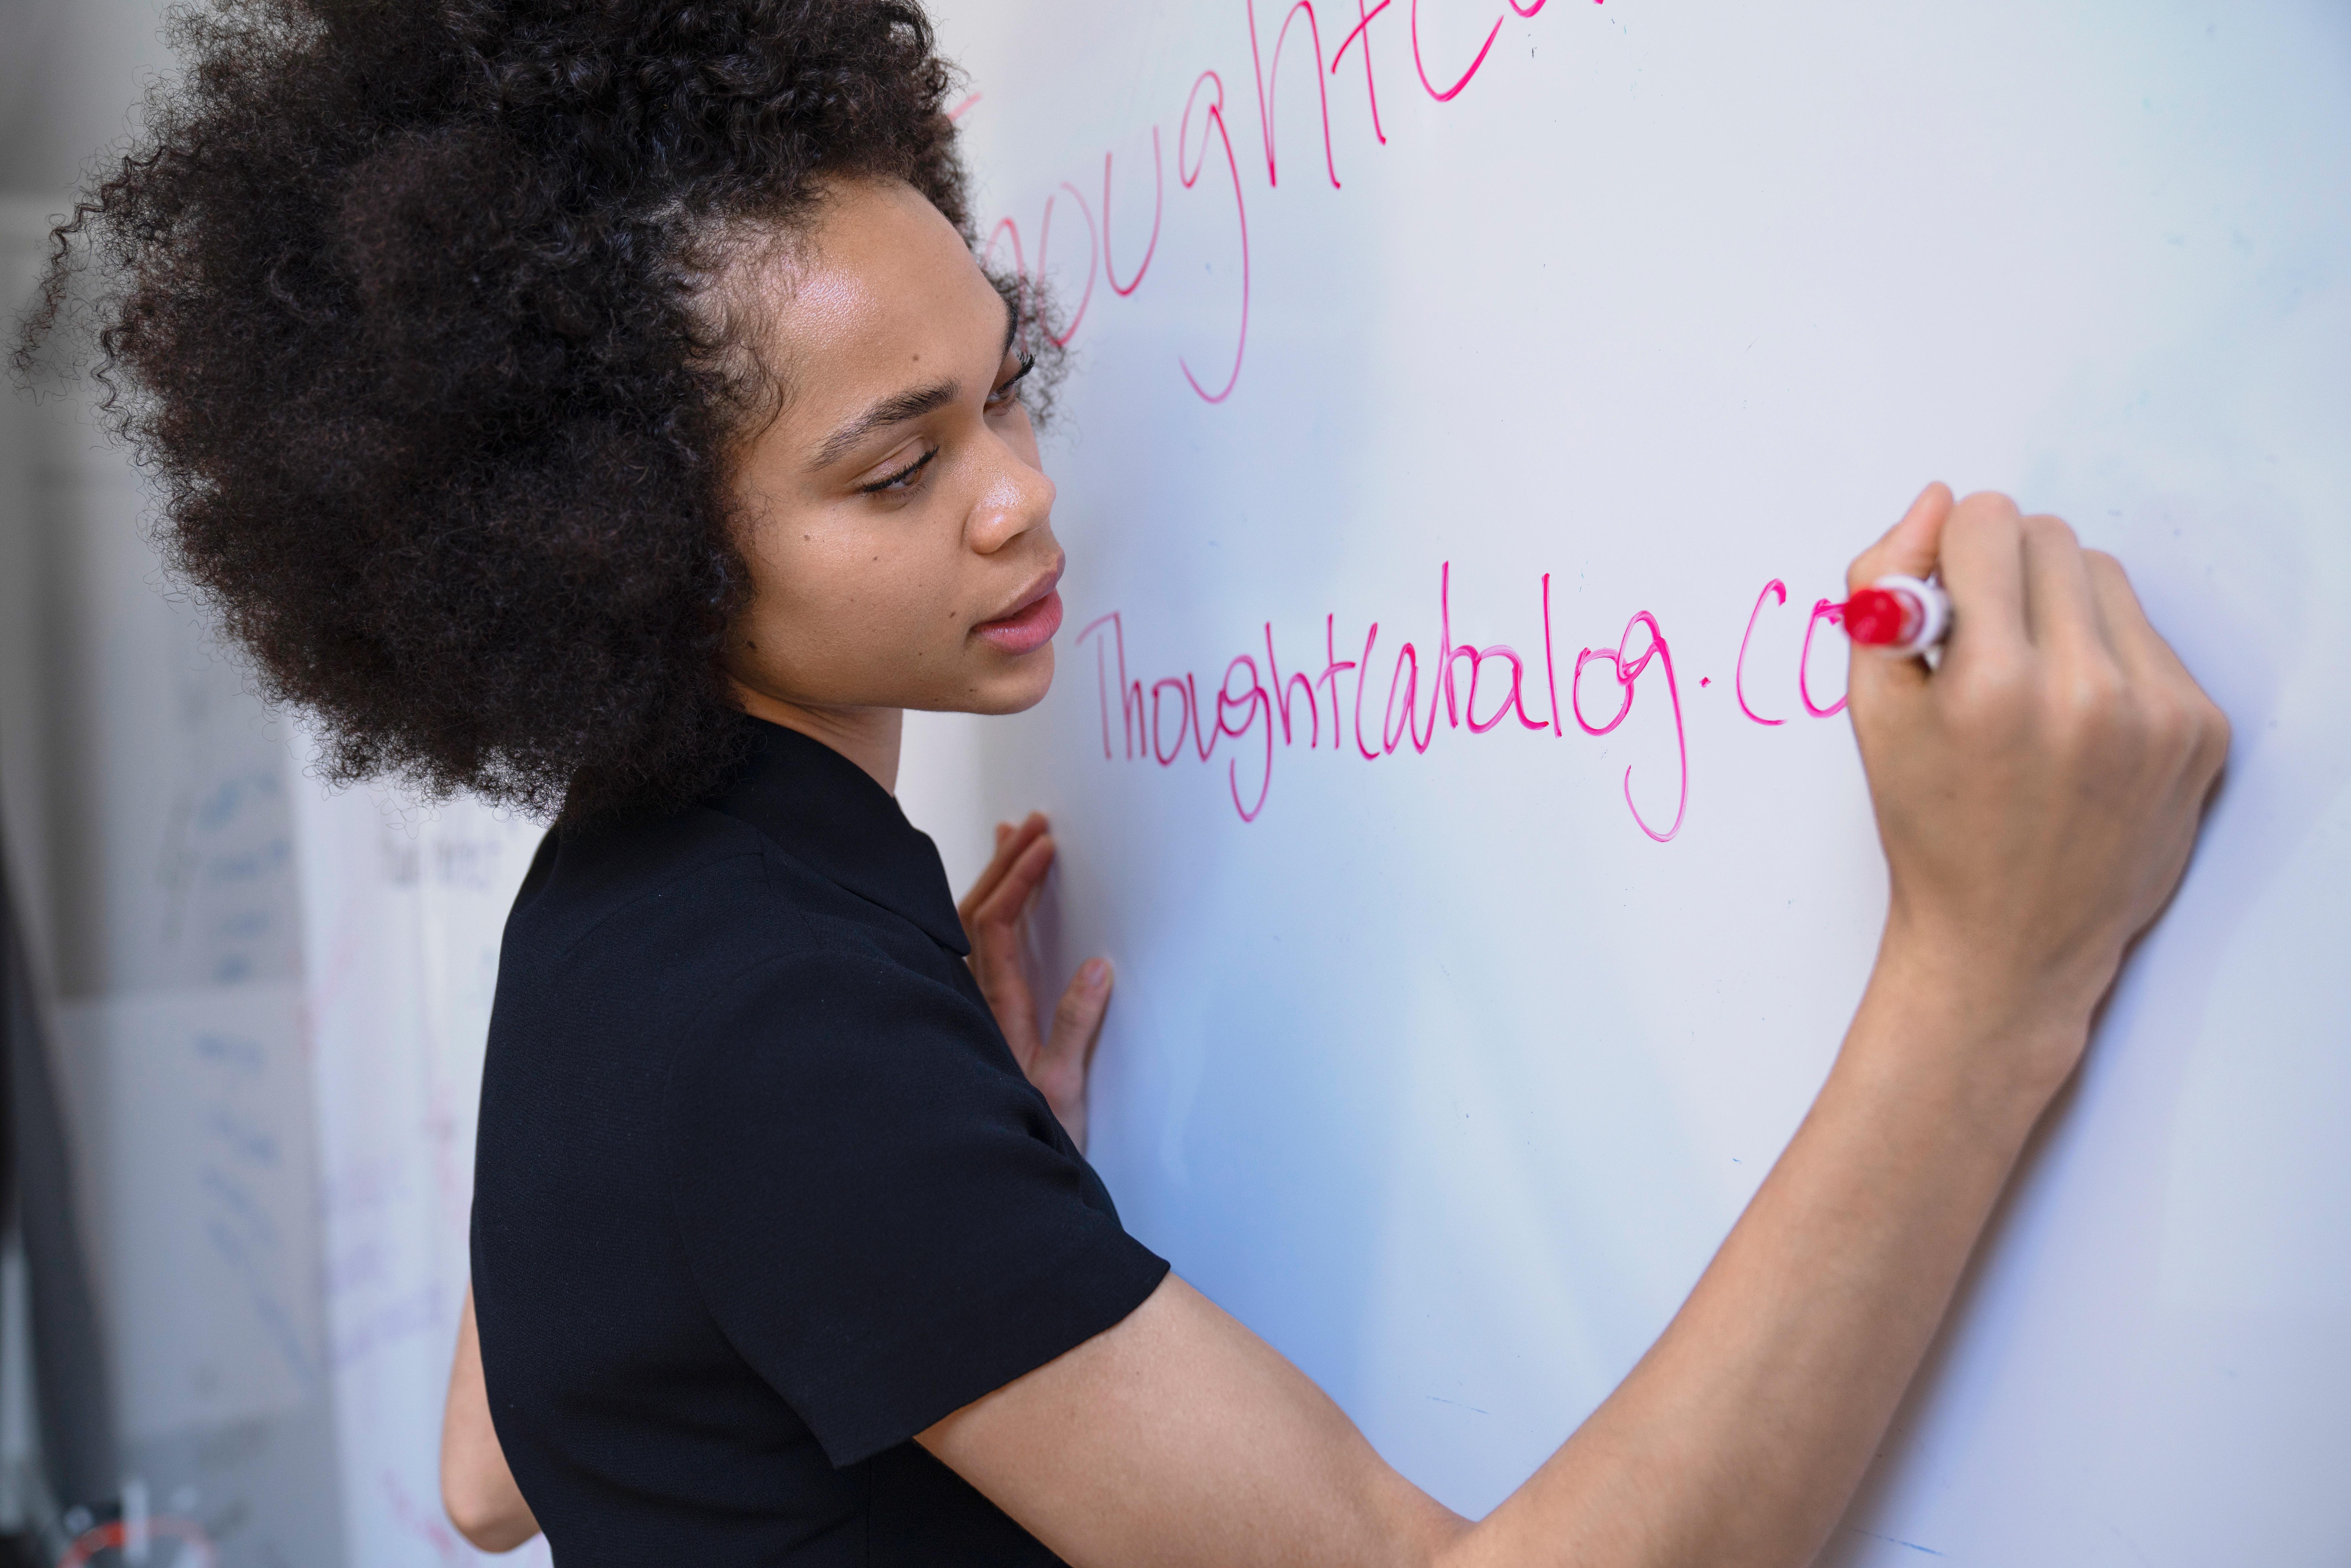 英語力を上げたい学生は塾で英語講師のバイトをするべき